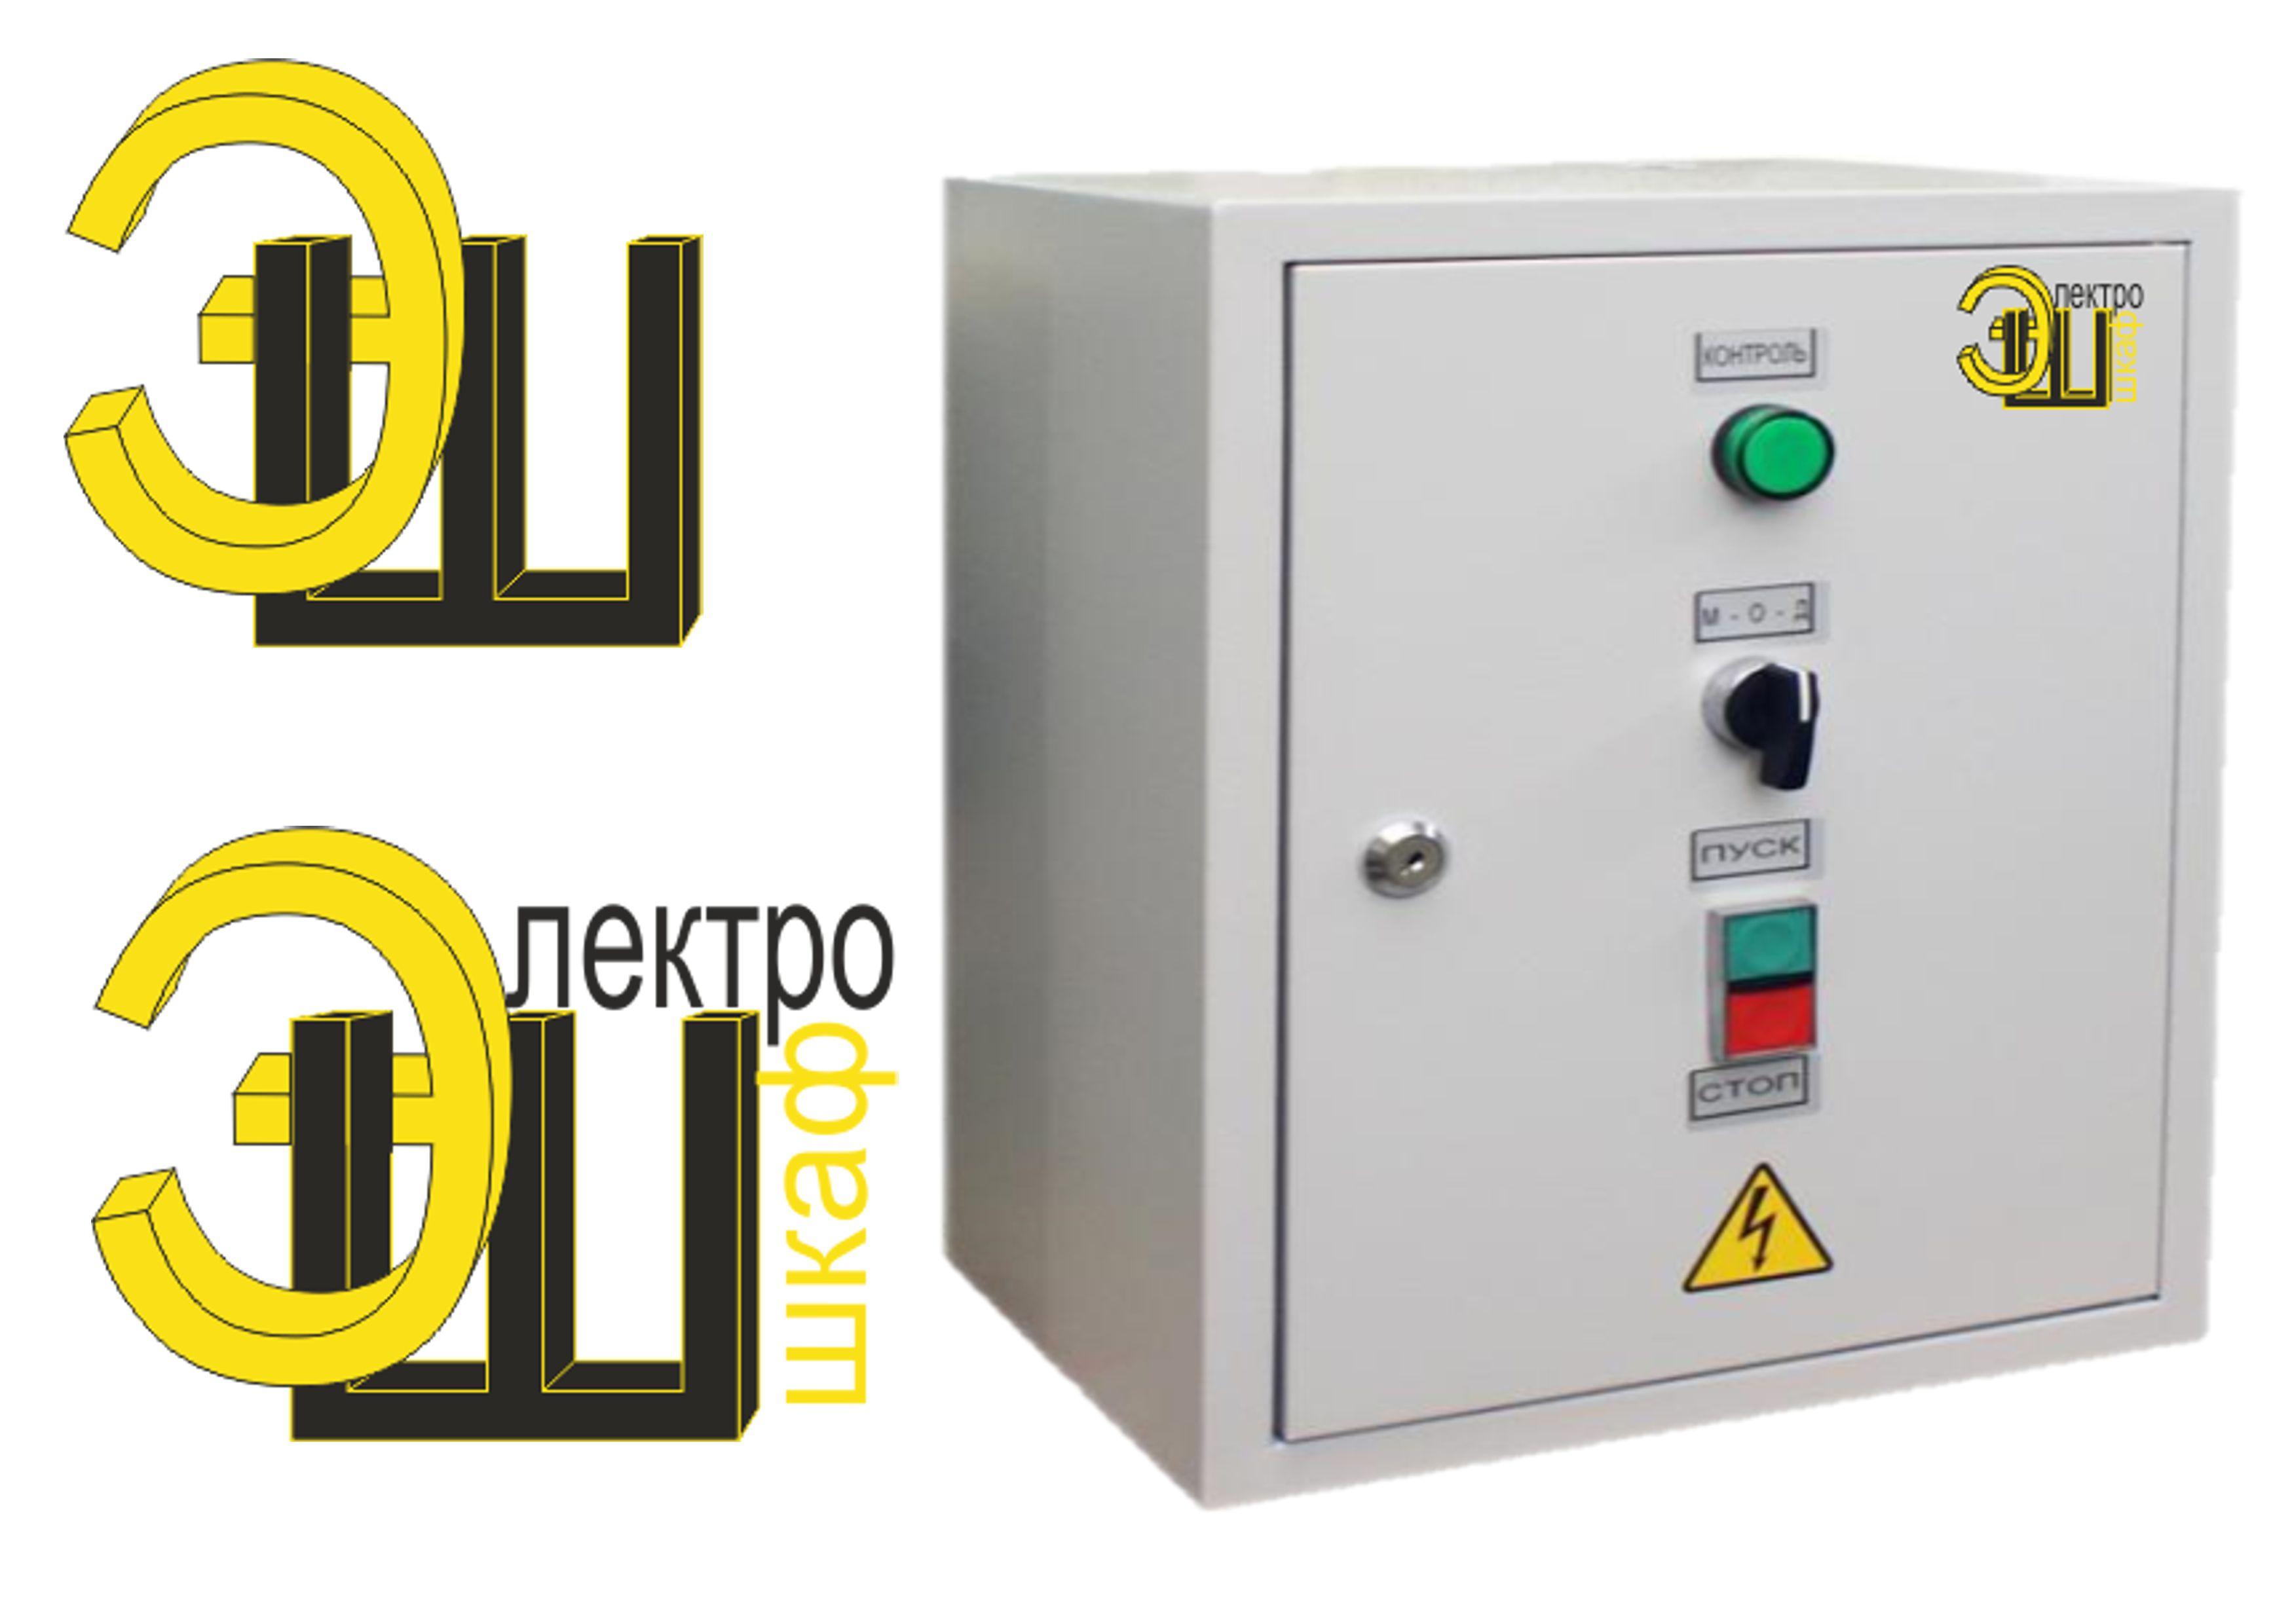 Разработать логотип для завода по производству электрощитов фото f_3395b6e67a779664.jpg